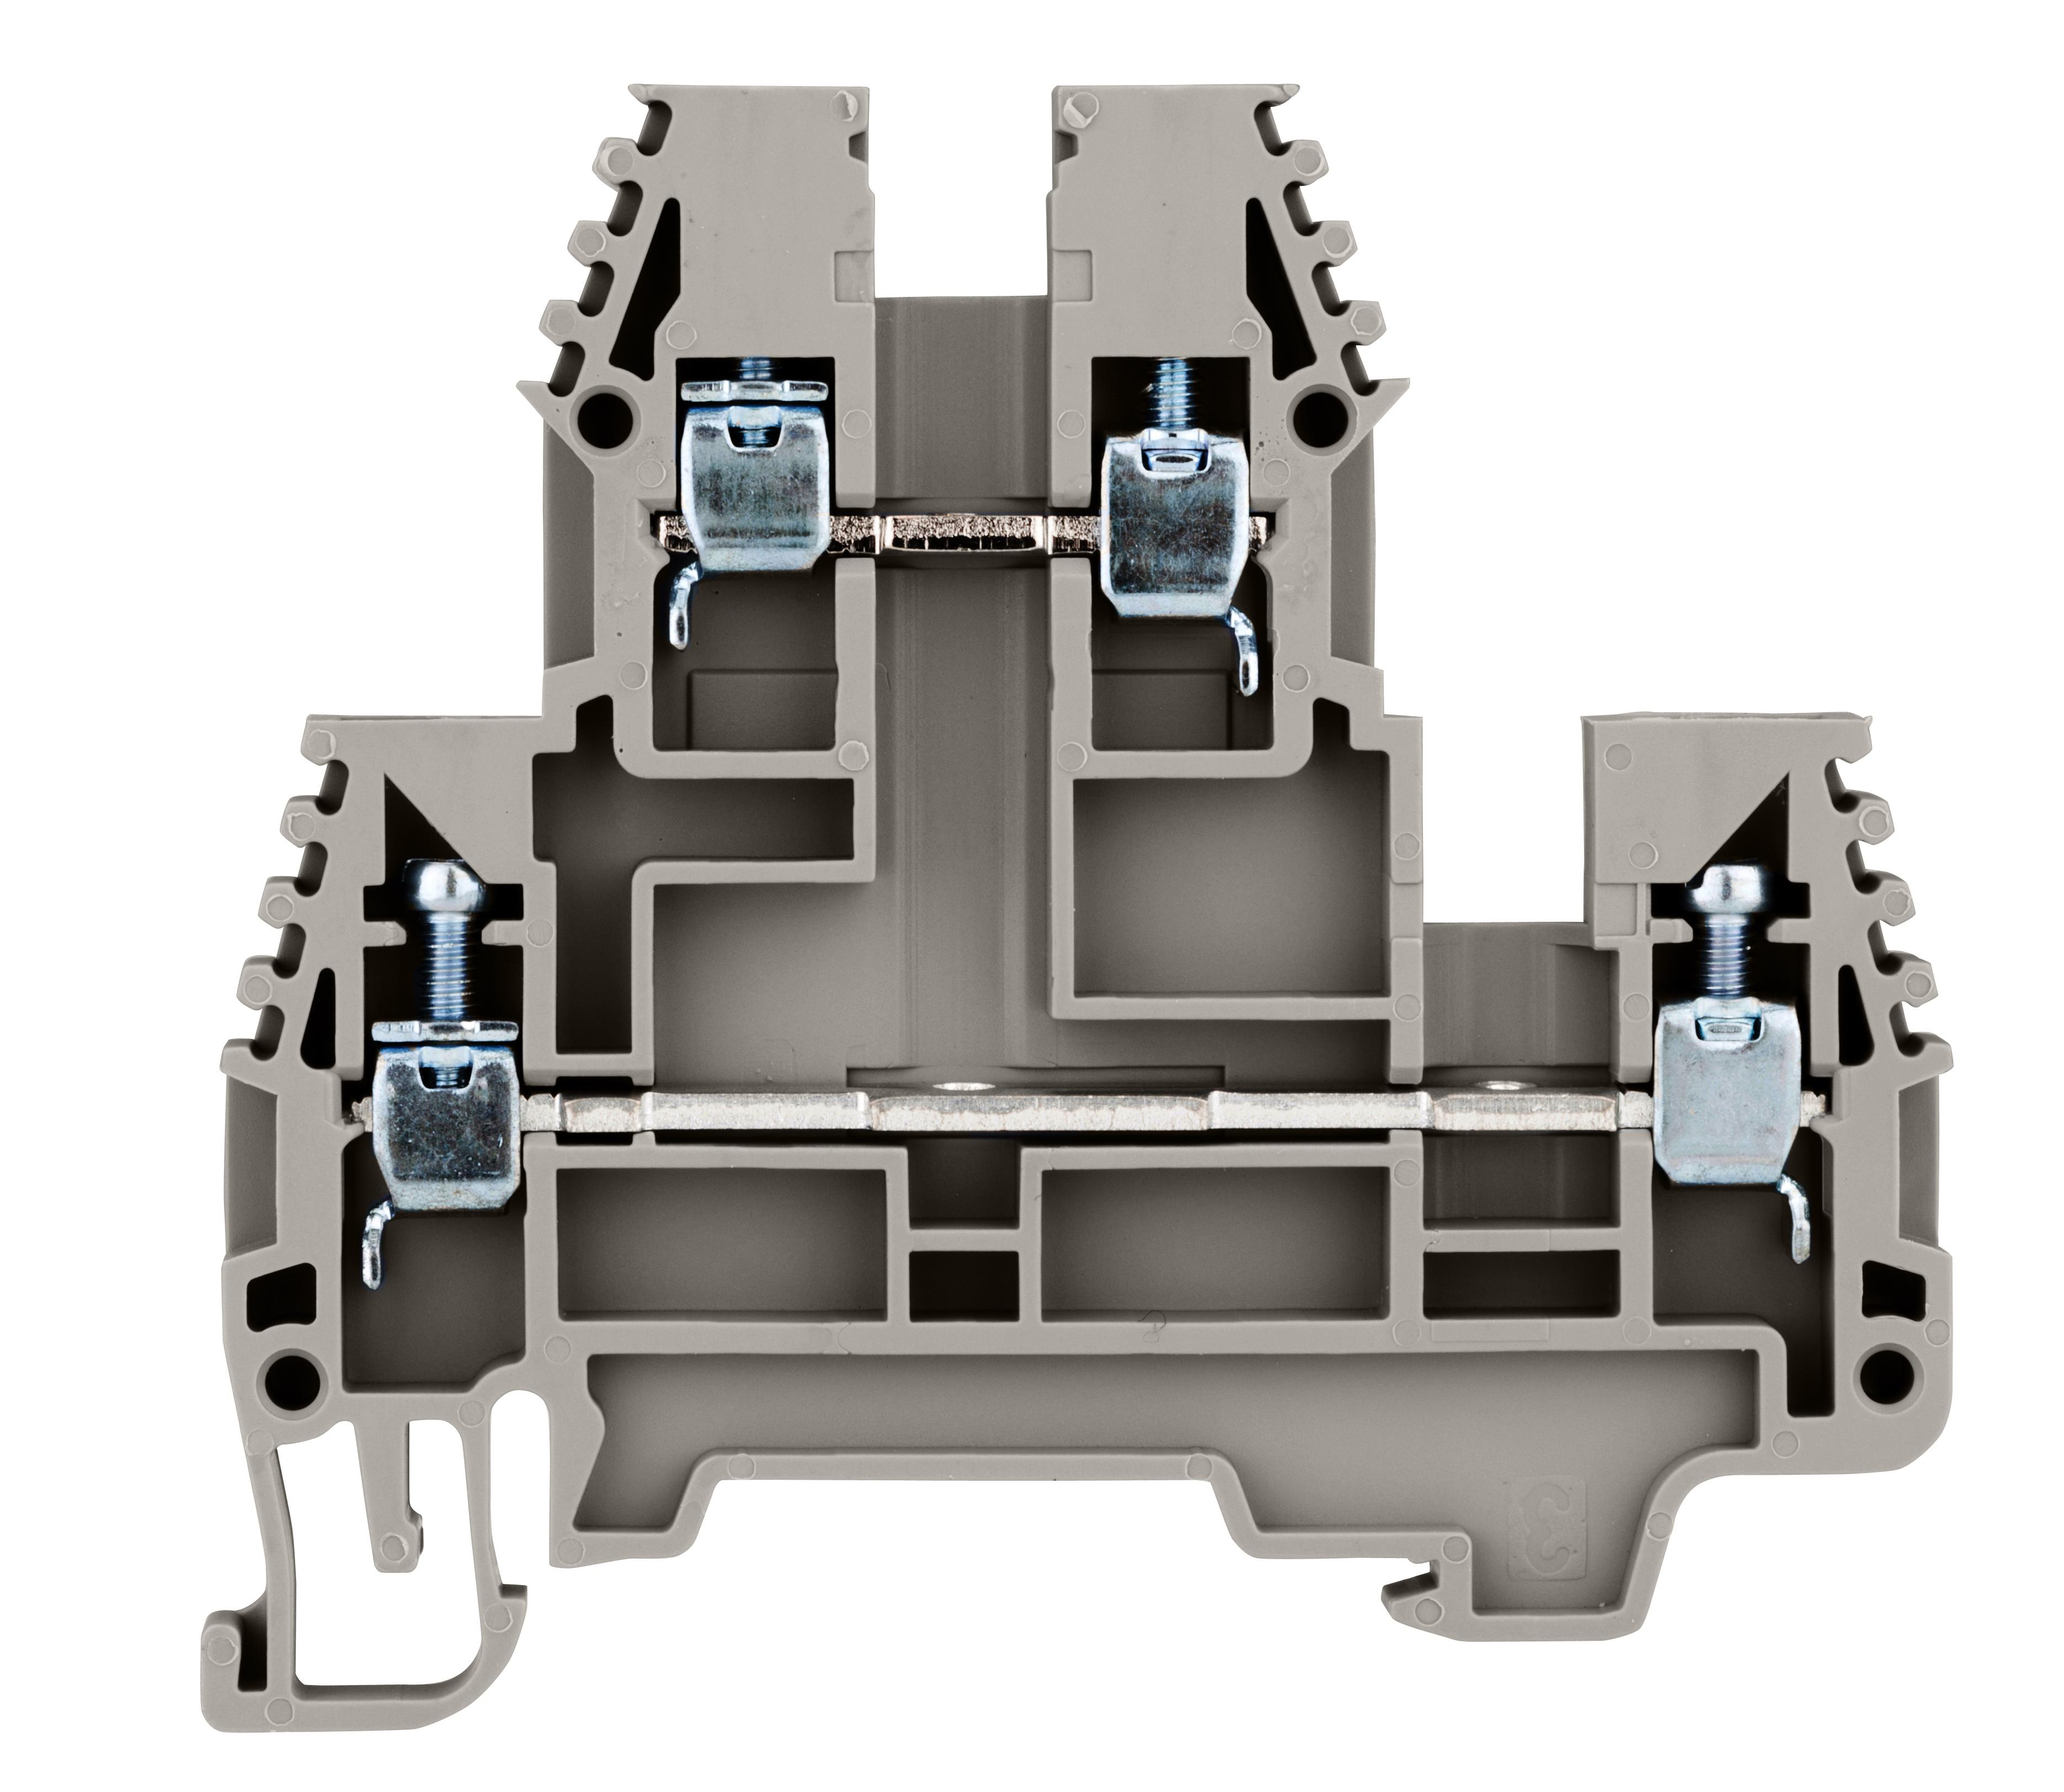 1 Stk Doppelstockklemme 2,5mm², Type PIK 2,5 N IK650002--